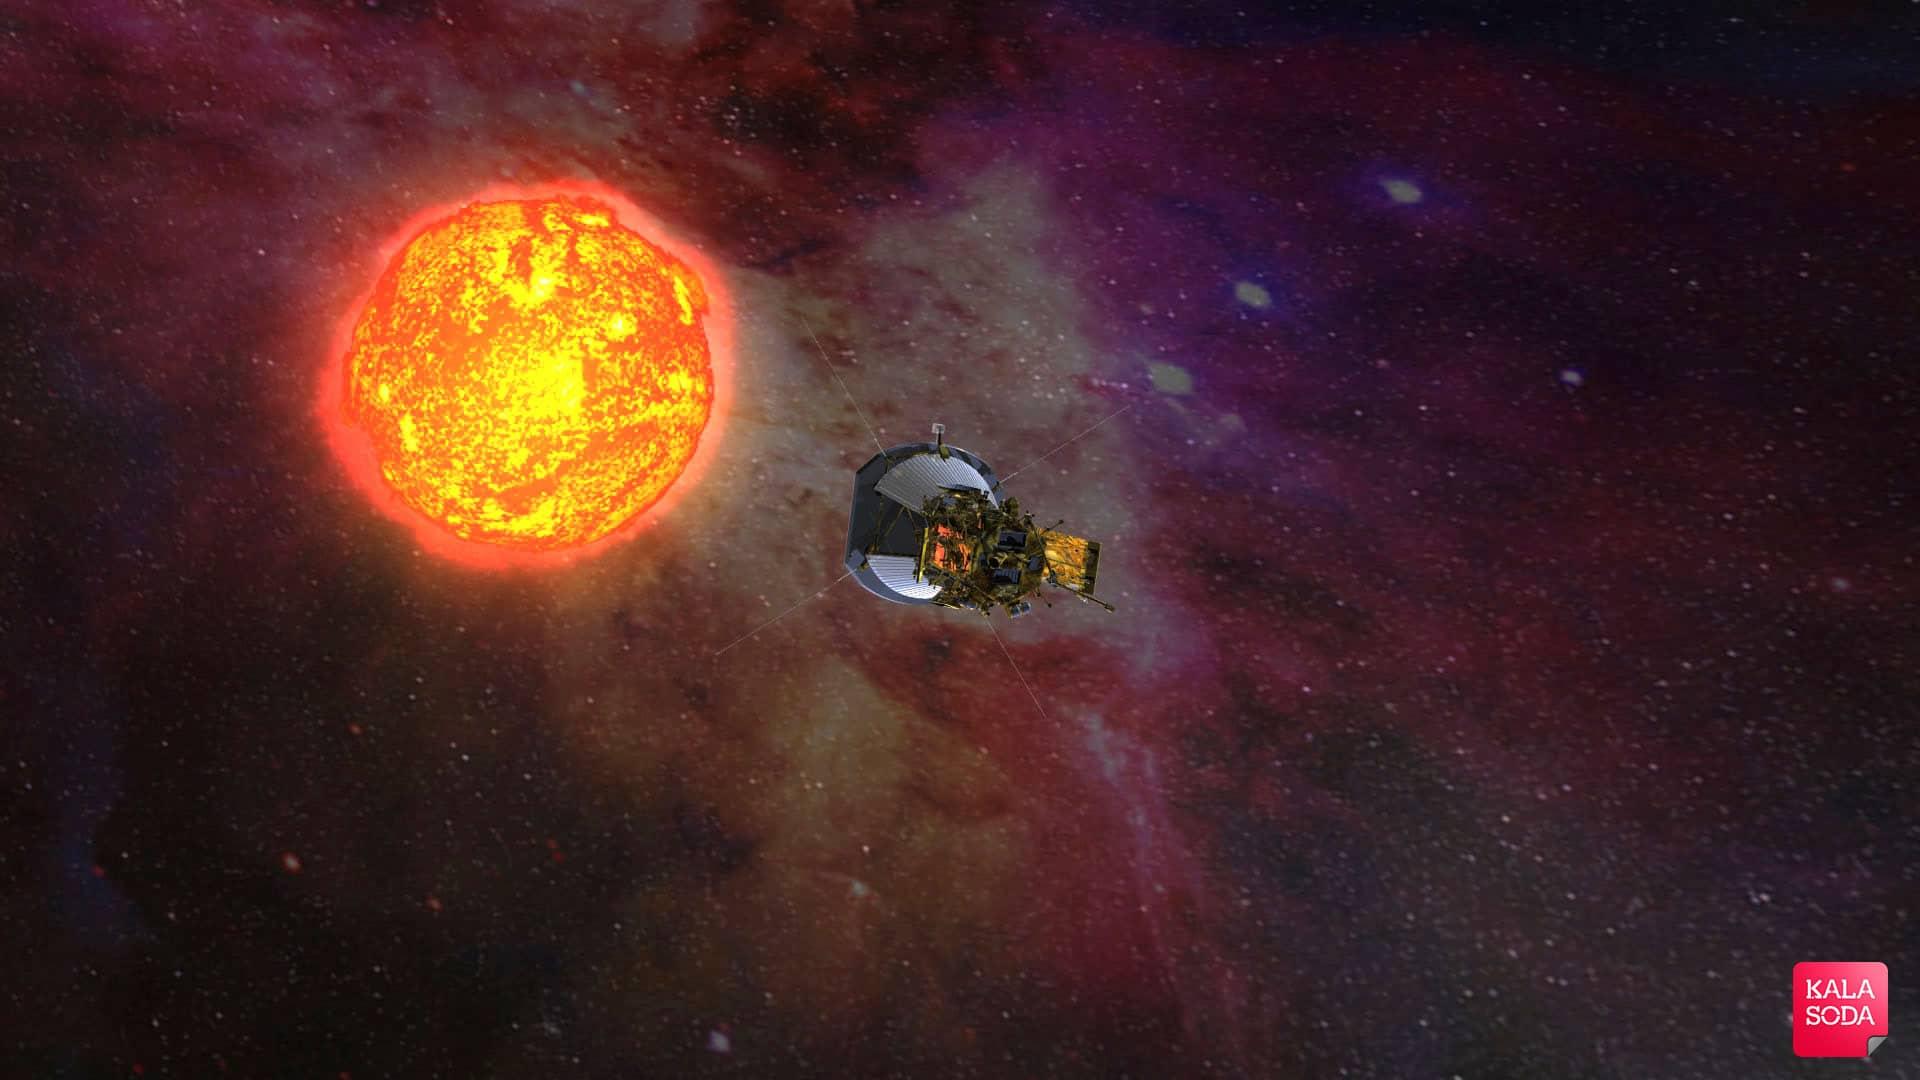 جشن تولد 60 سالگی ناسا در خورشید|کالاسودا